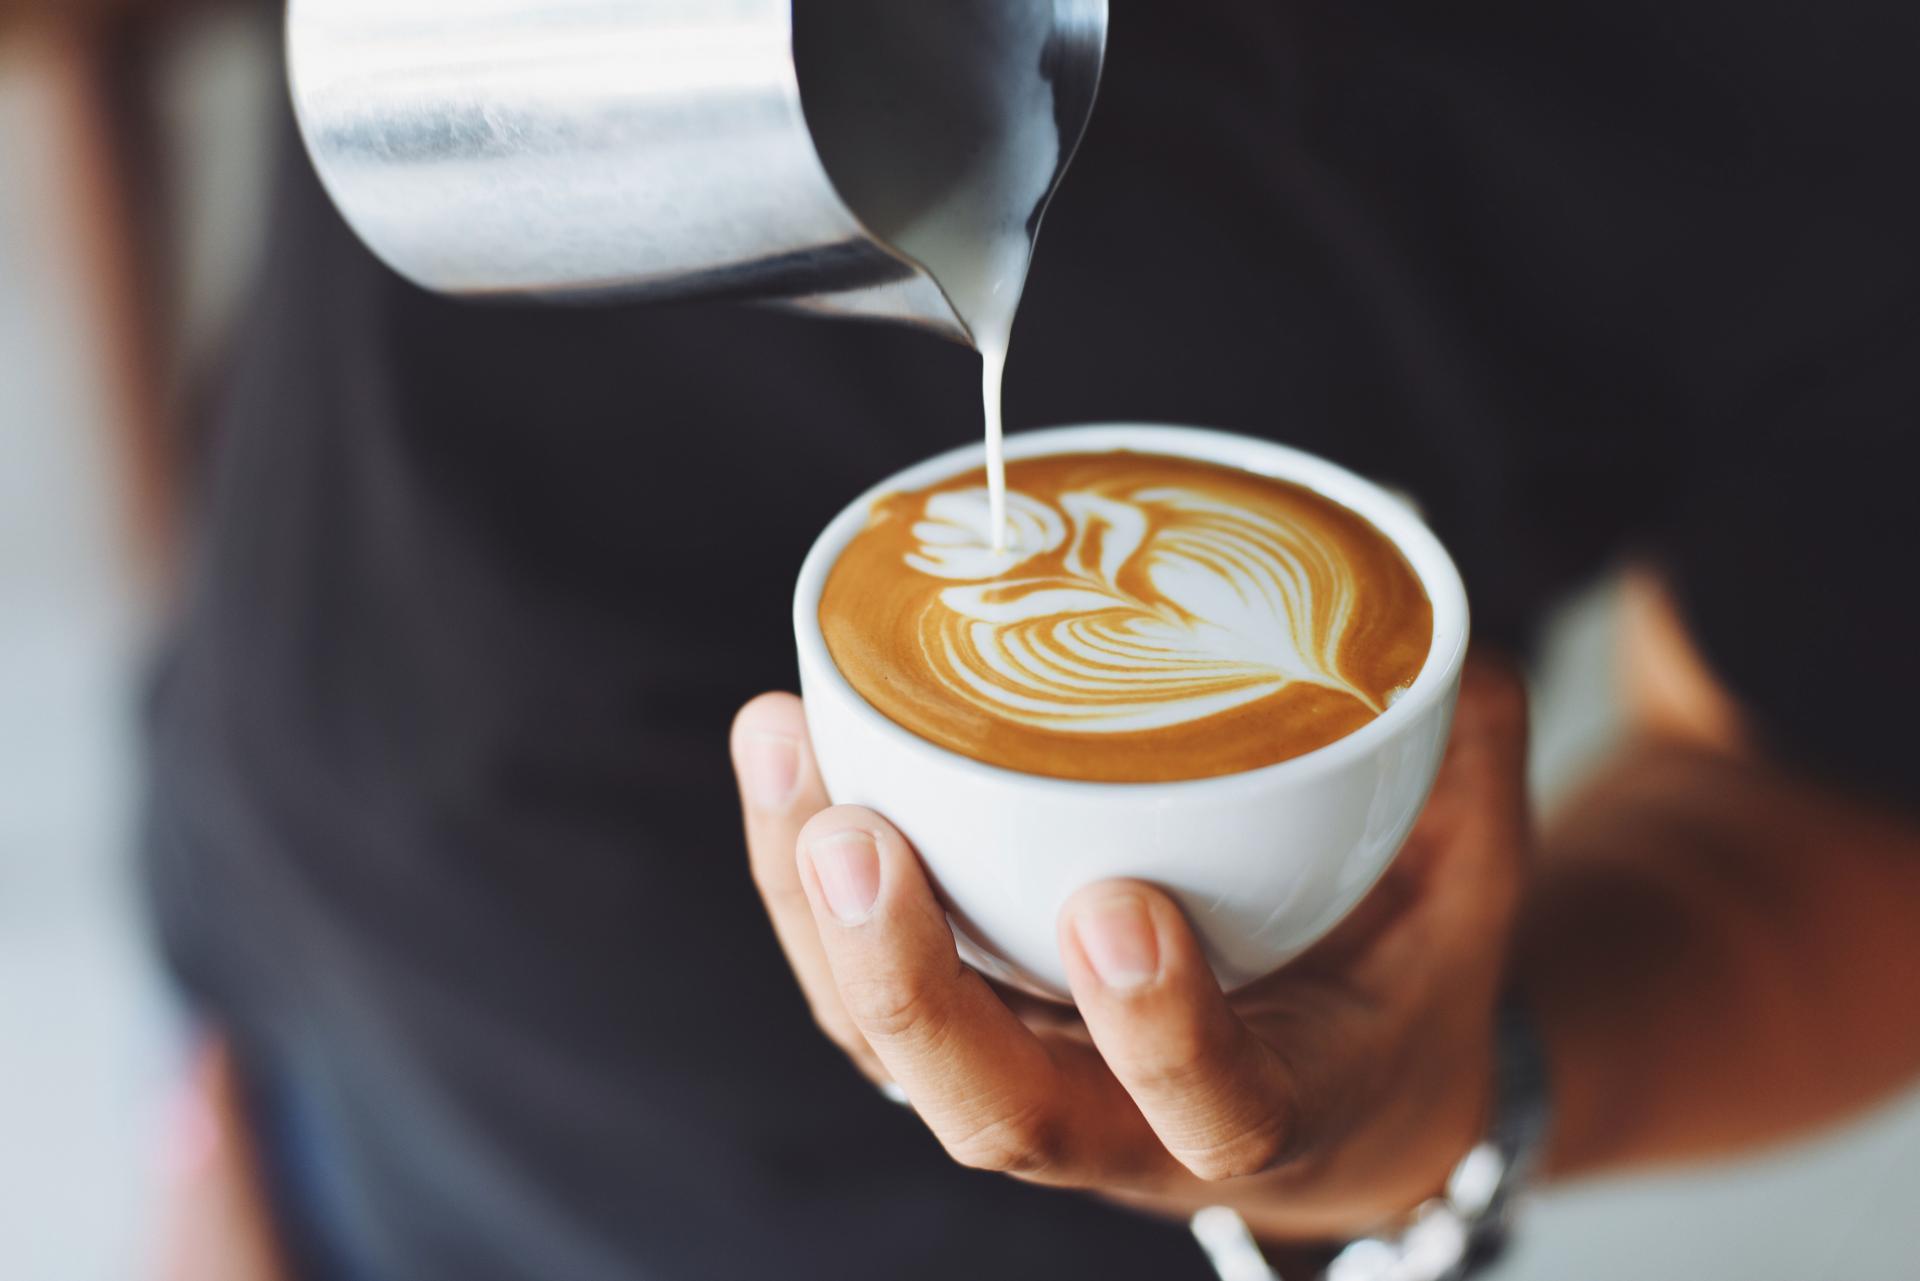 Растворимый кофе: история создания и процесс изготовления кофейного напитка